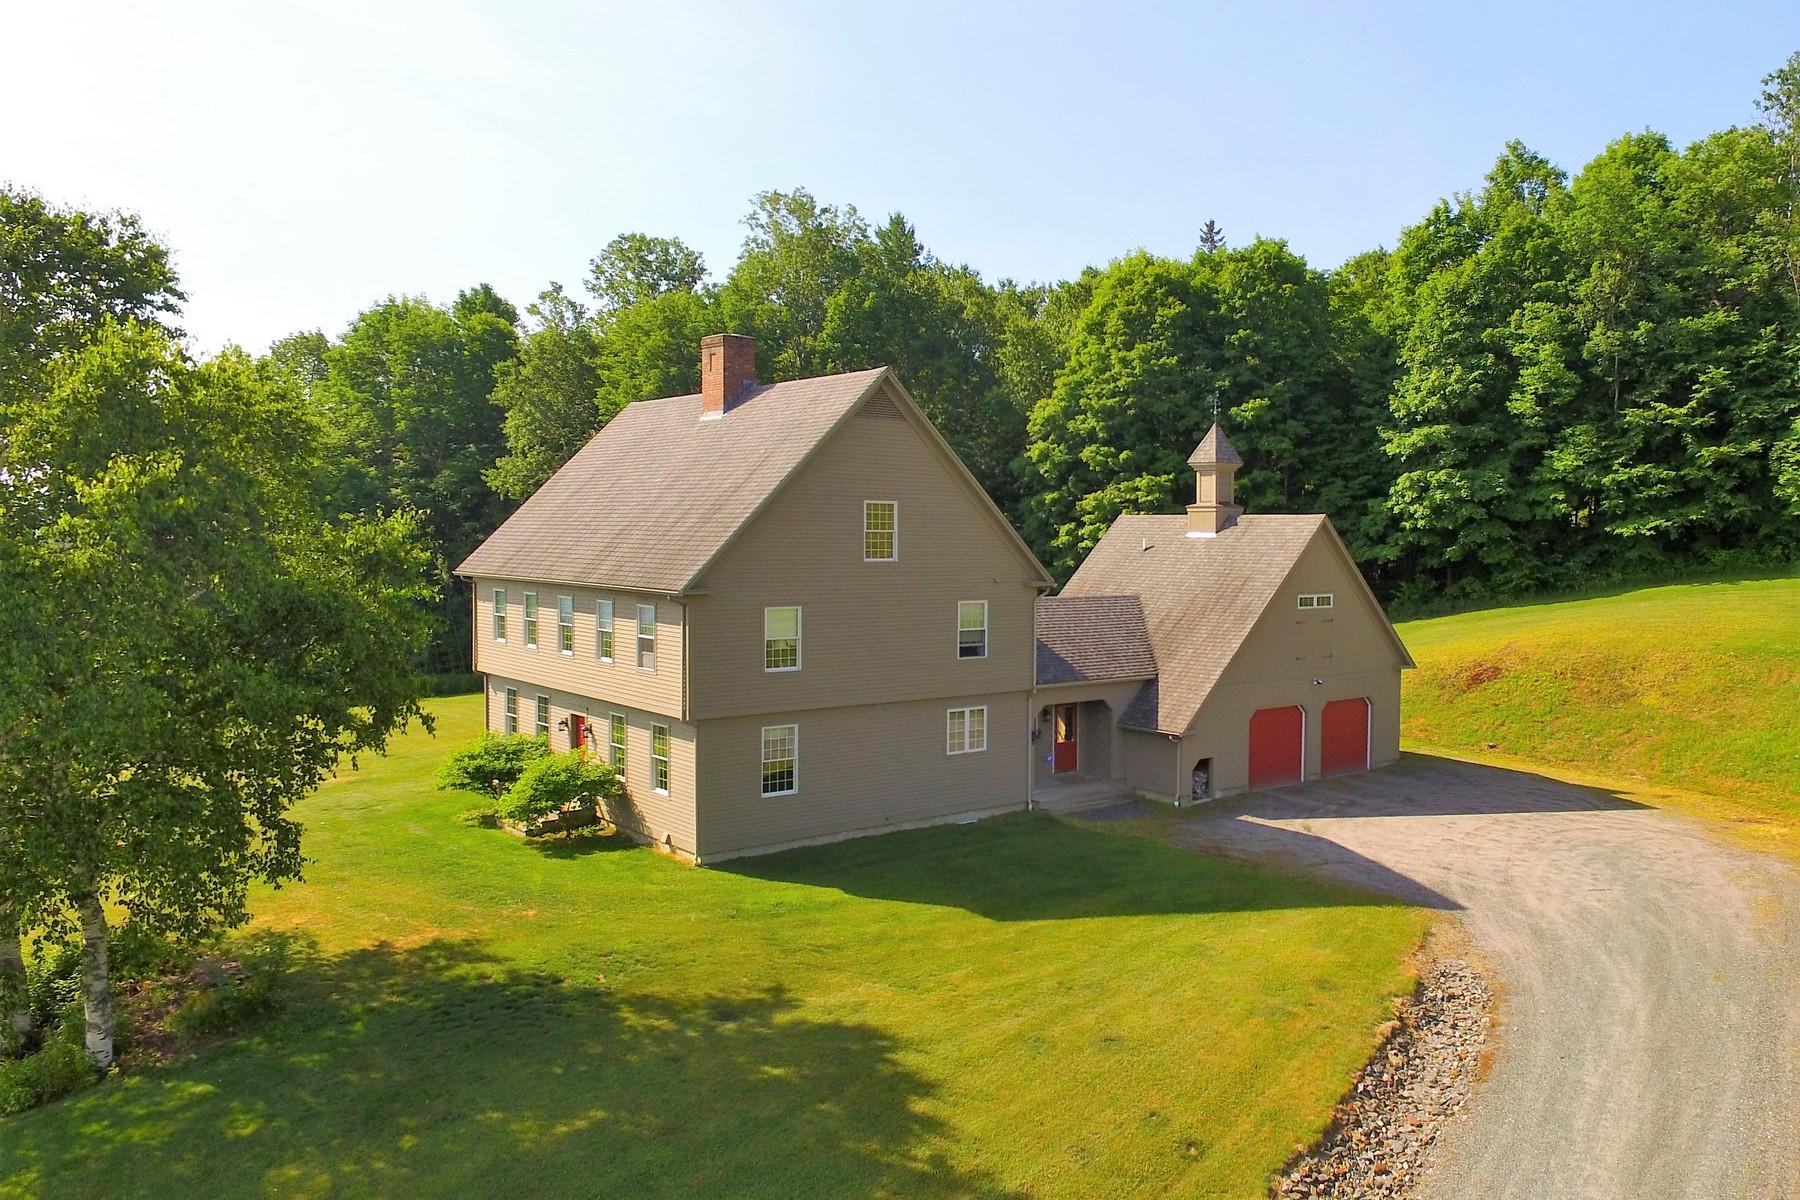 단독 가정 주택 용 매매 에 Vermont Equestrian Lifestyle 263 Bedor Ln St. Johnsbury, 베르몬트, 05819 미국